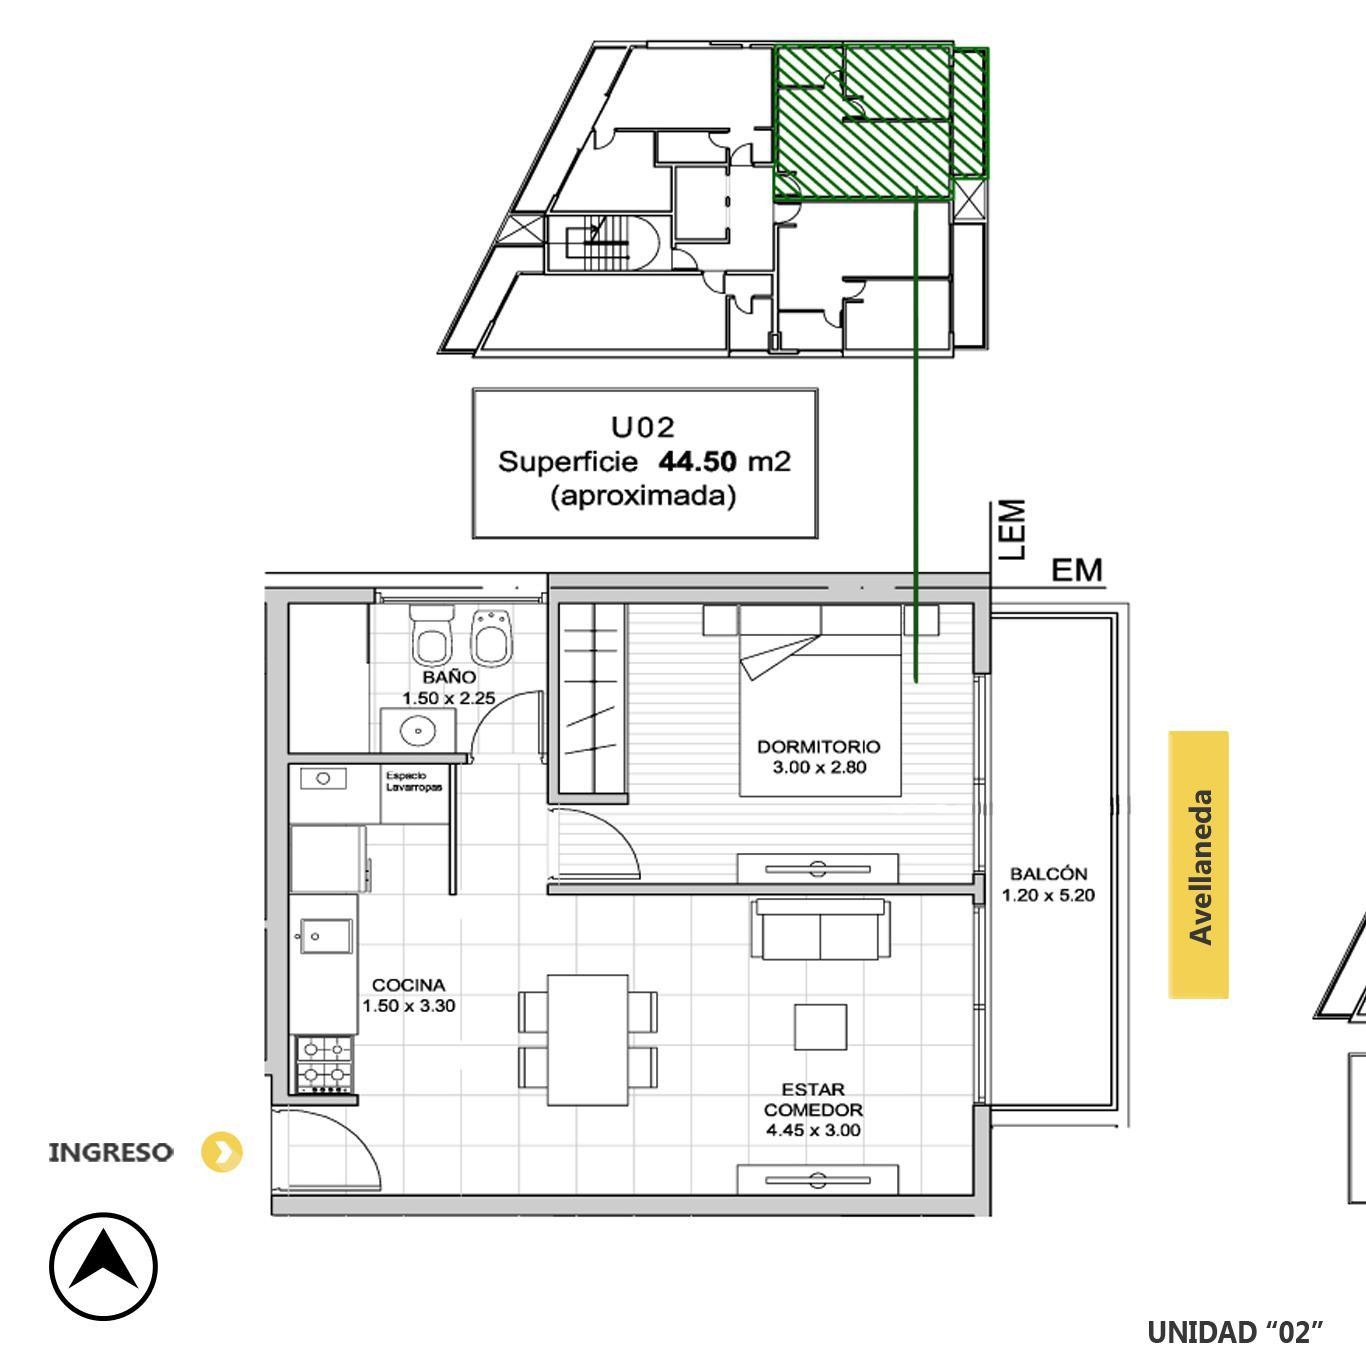 Venta departamento 1 dormitorio Rosario, Remedios De Escalada De San Martin. Cod CBU23216 AP2197251. Crestale Propiedades